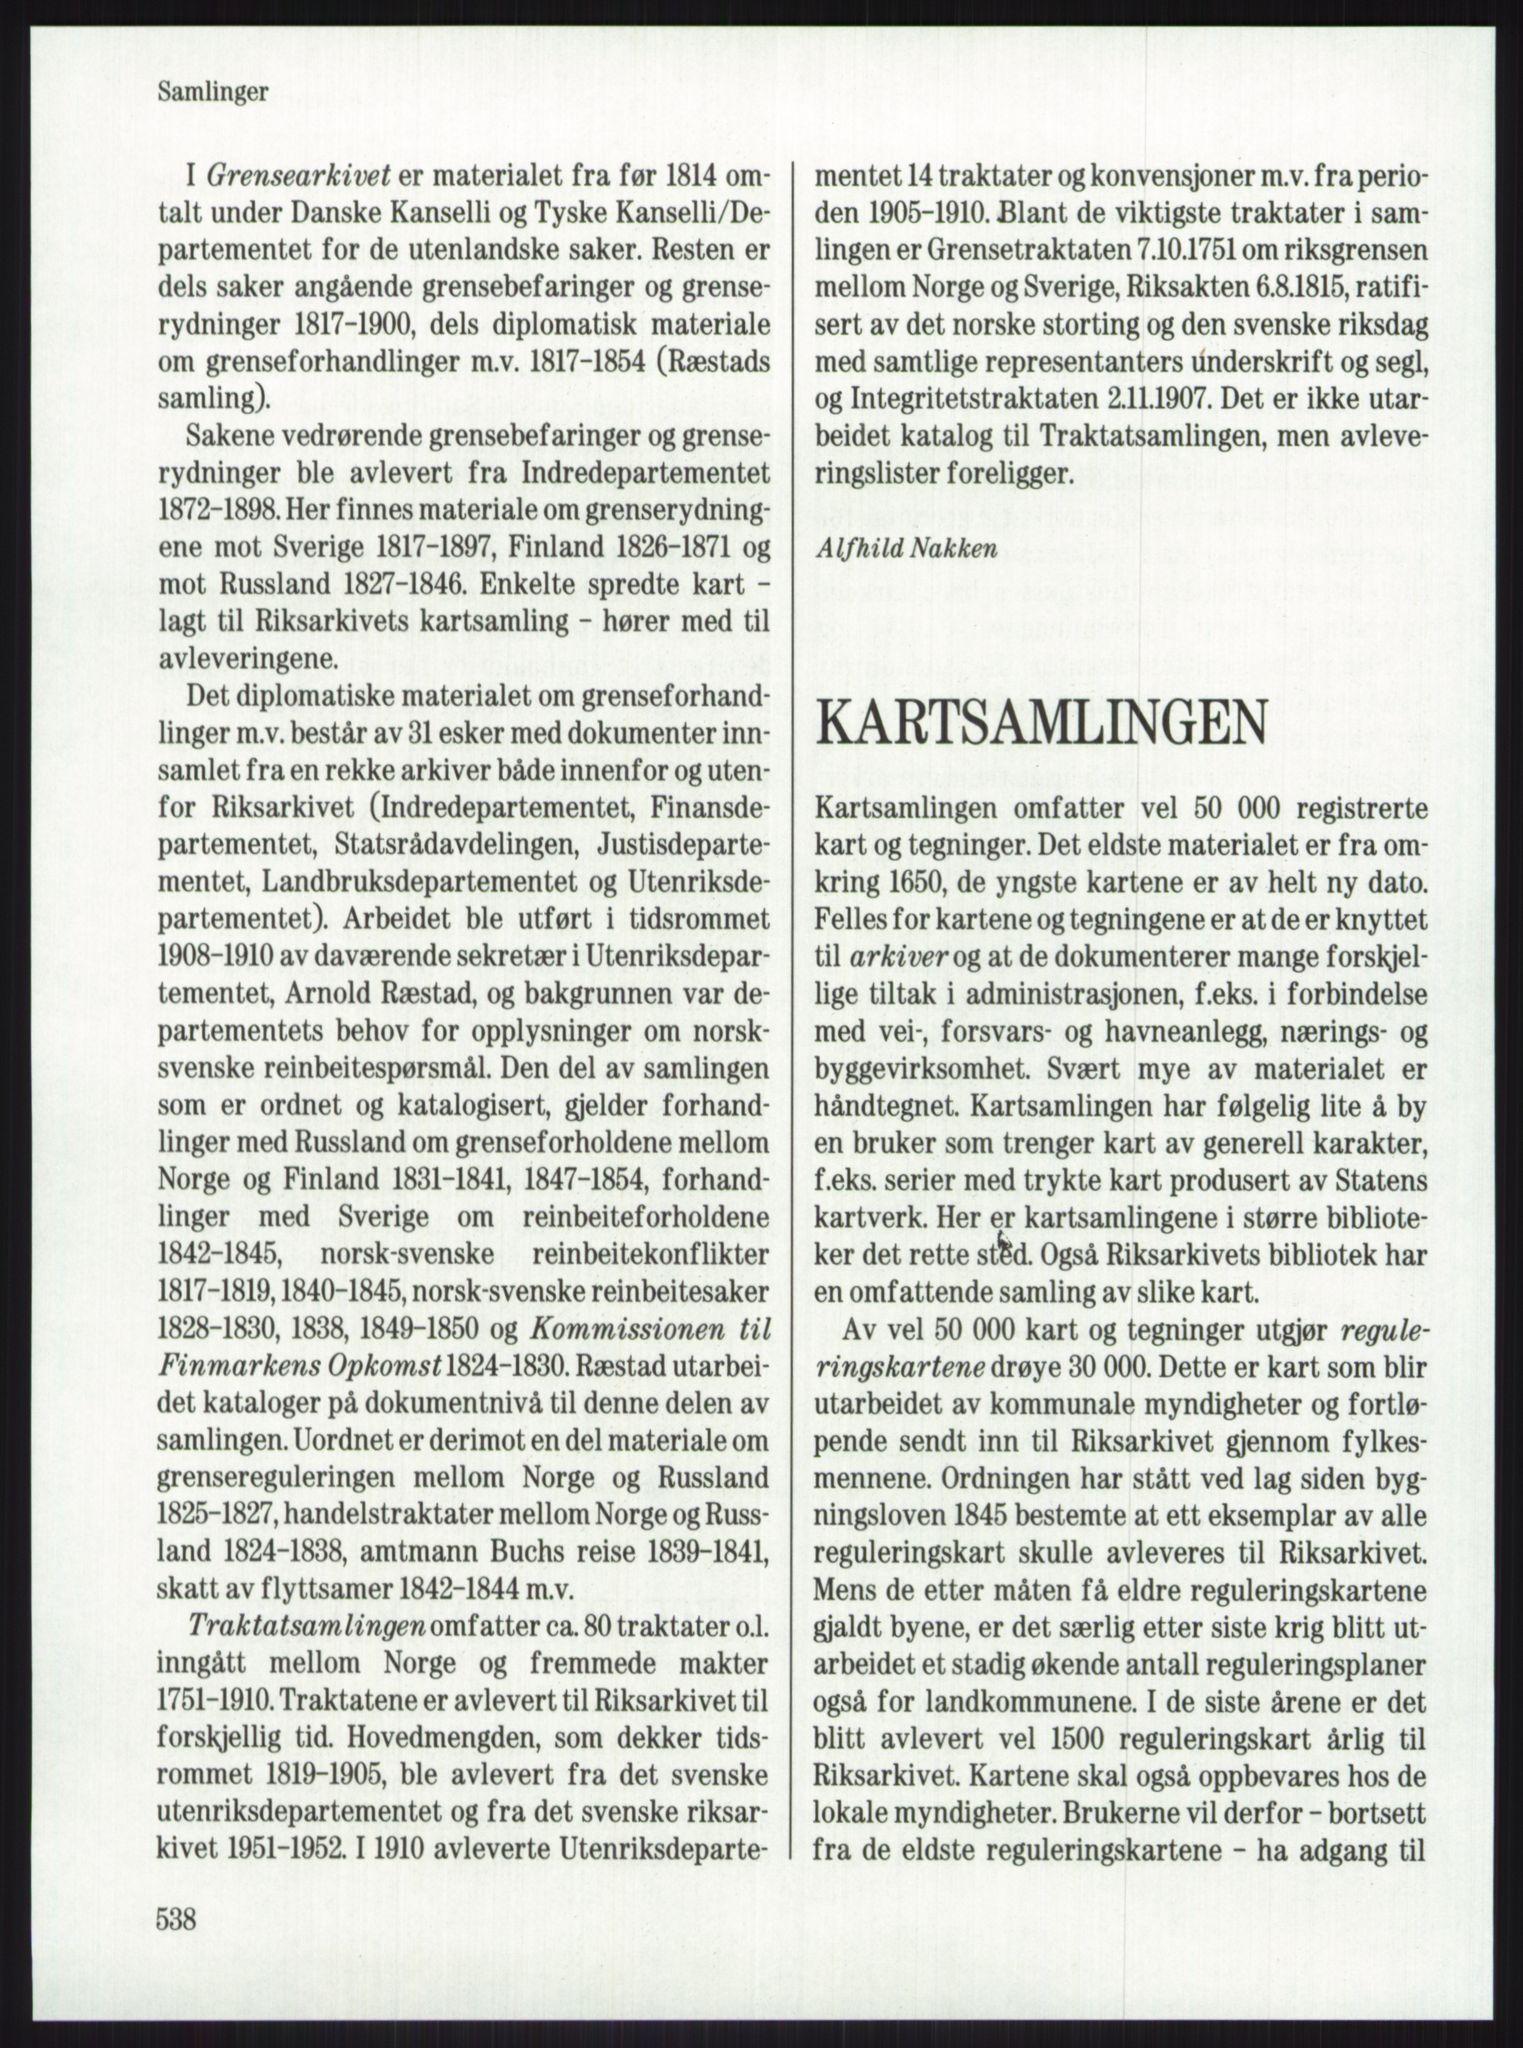 PUBL, Publikasjoner utgitt av Arkivverket, -/-: Knut Johannessen, Ole Kolsrud og Dag Mangset (red.): Håndbok for Riksarkivet (1992), s. 538